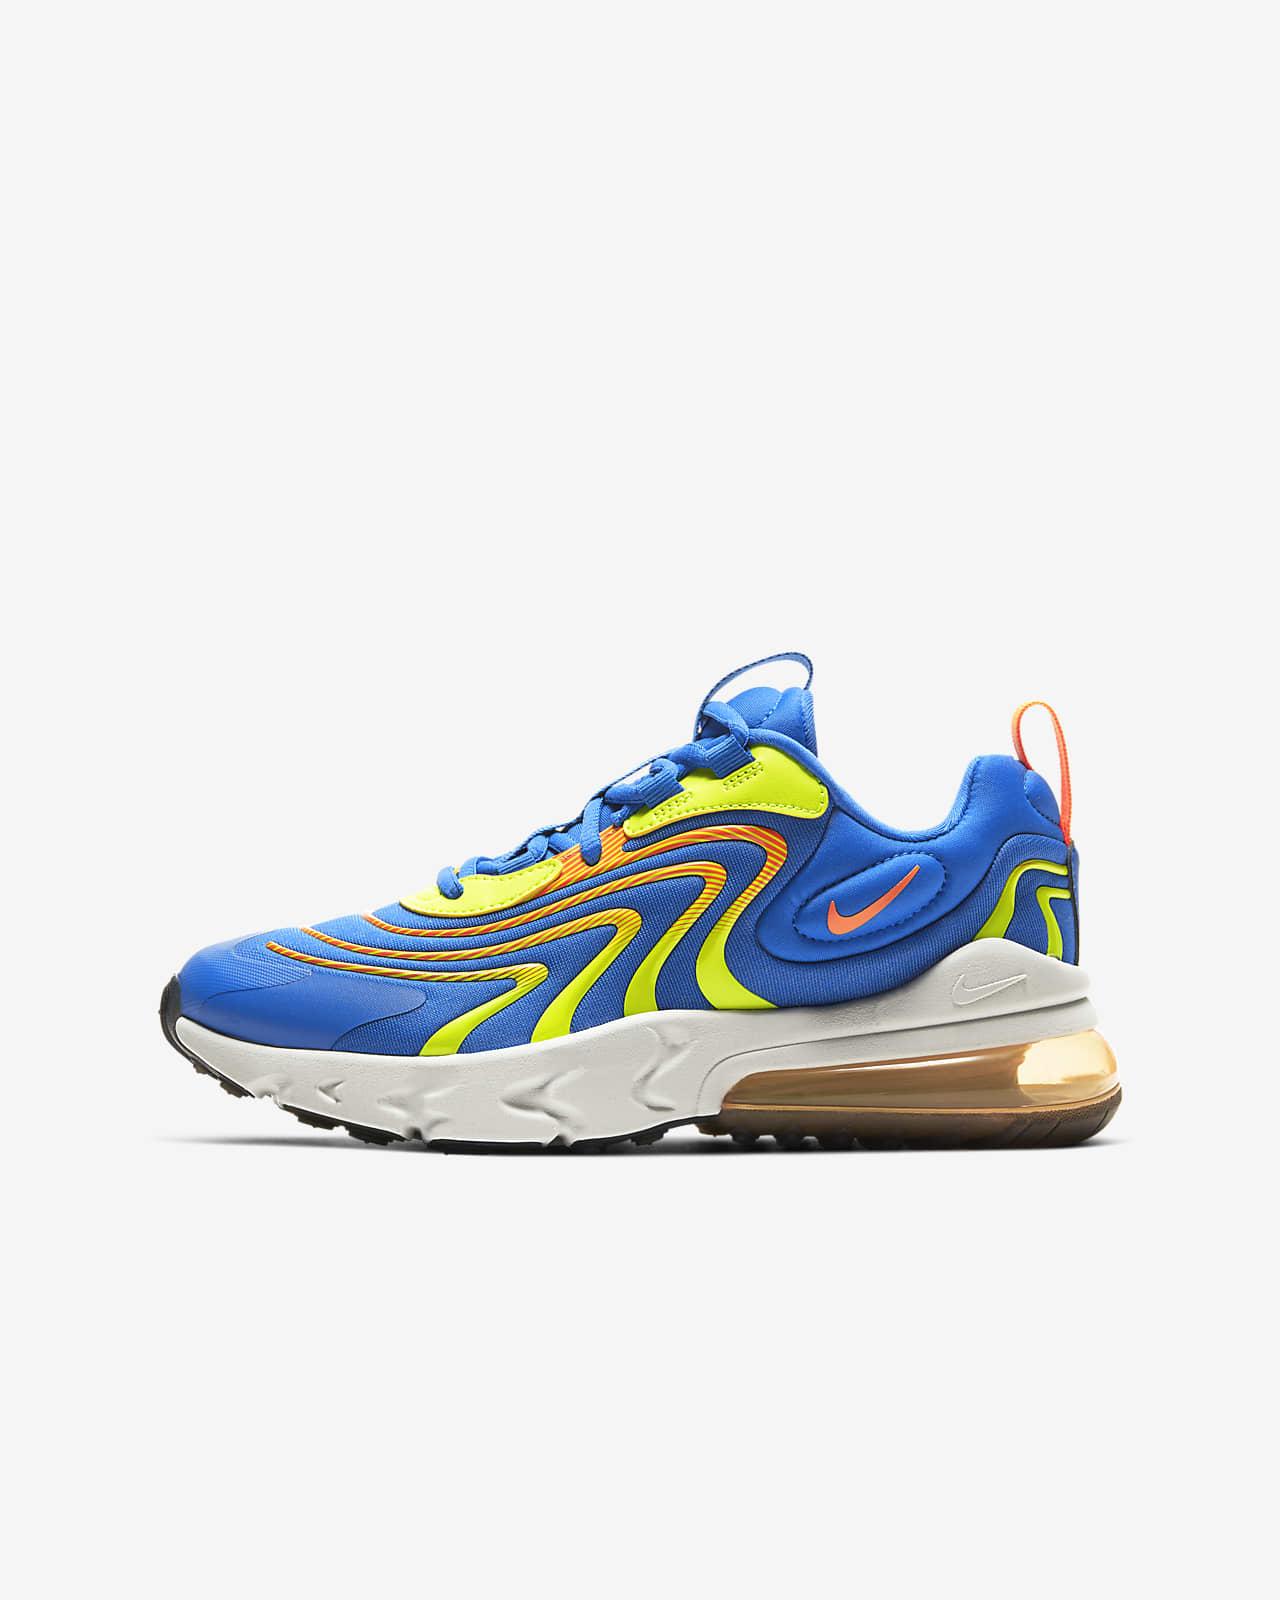 Nike Air Max 270 React ENG Big Kids' Shoe